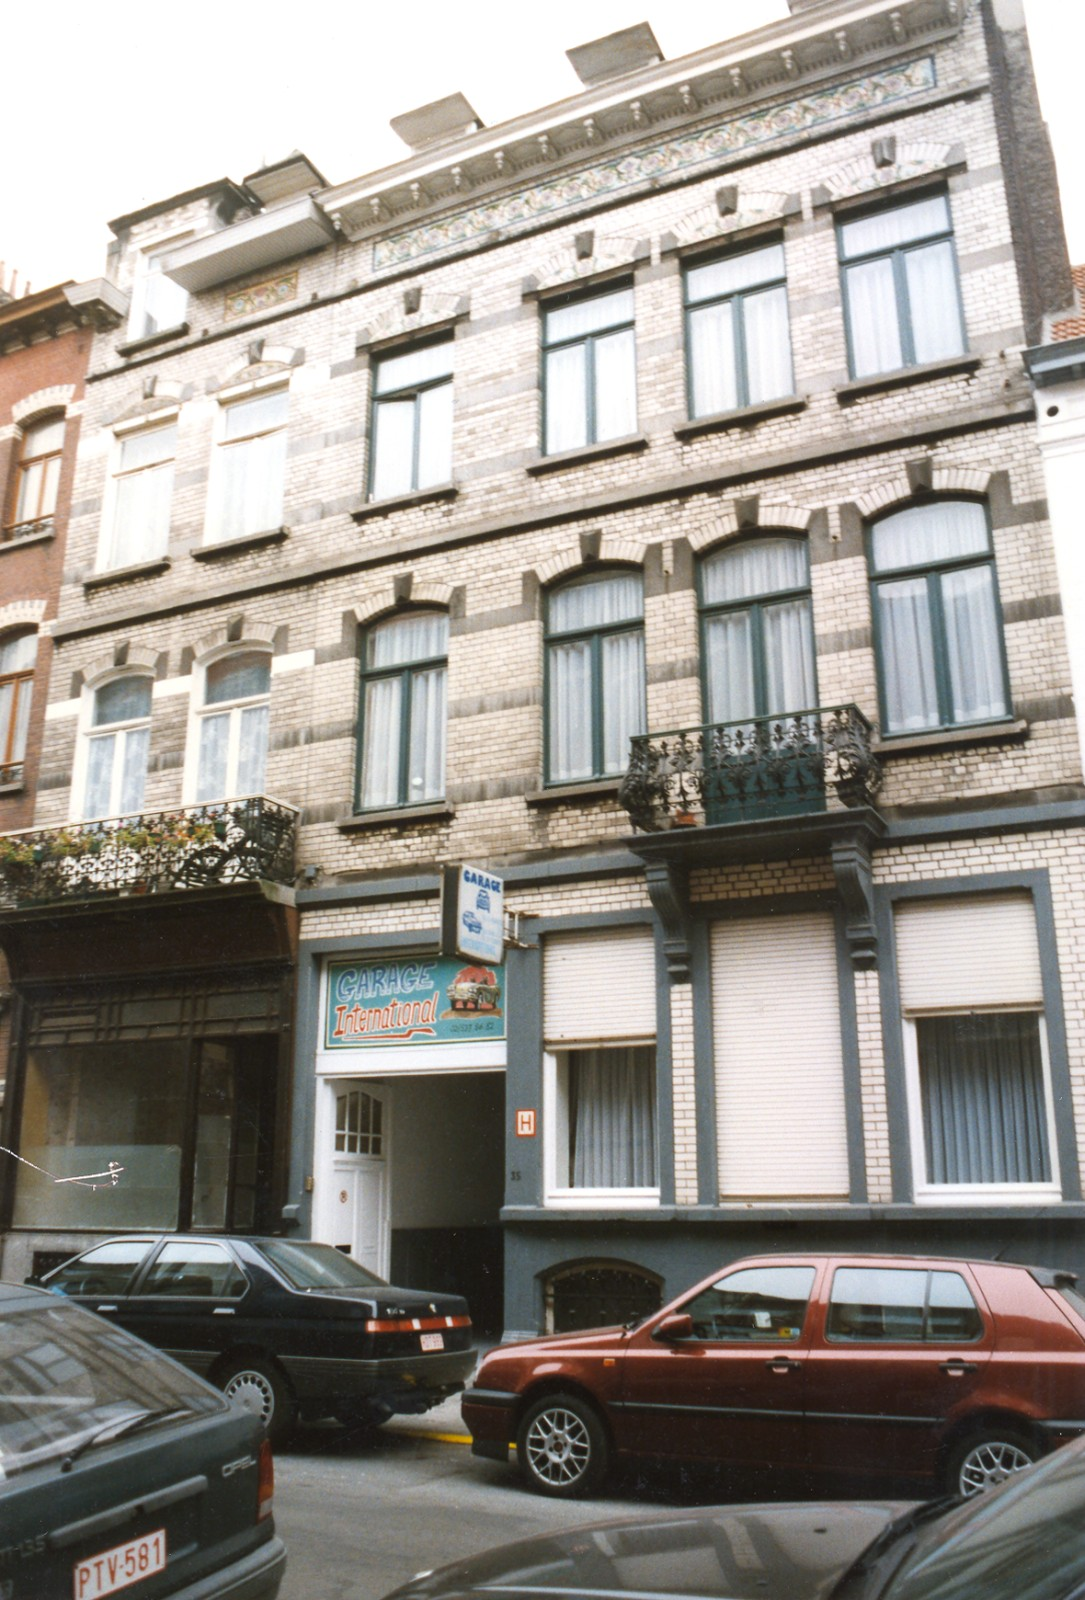 Denemarkenstraat 37 en 35., 1997